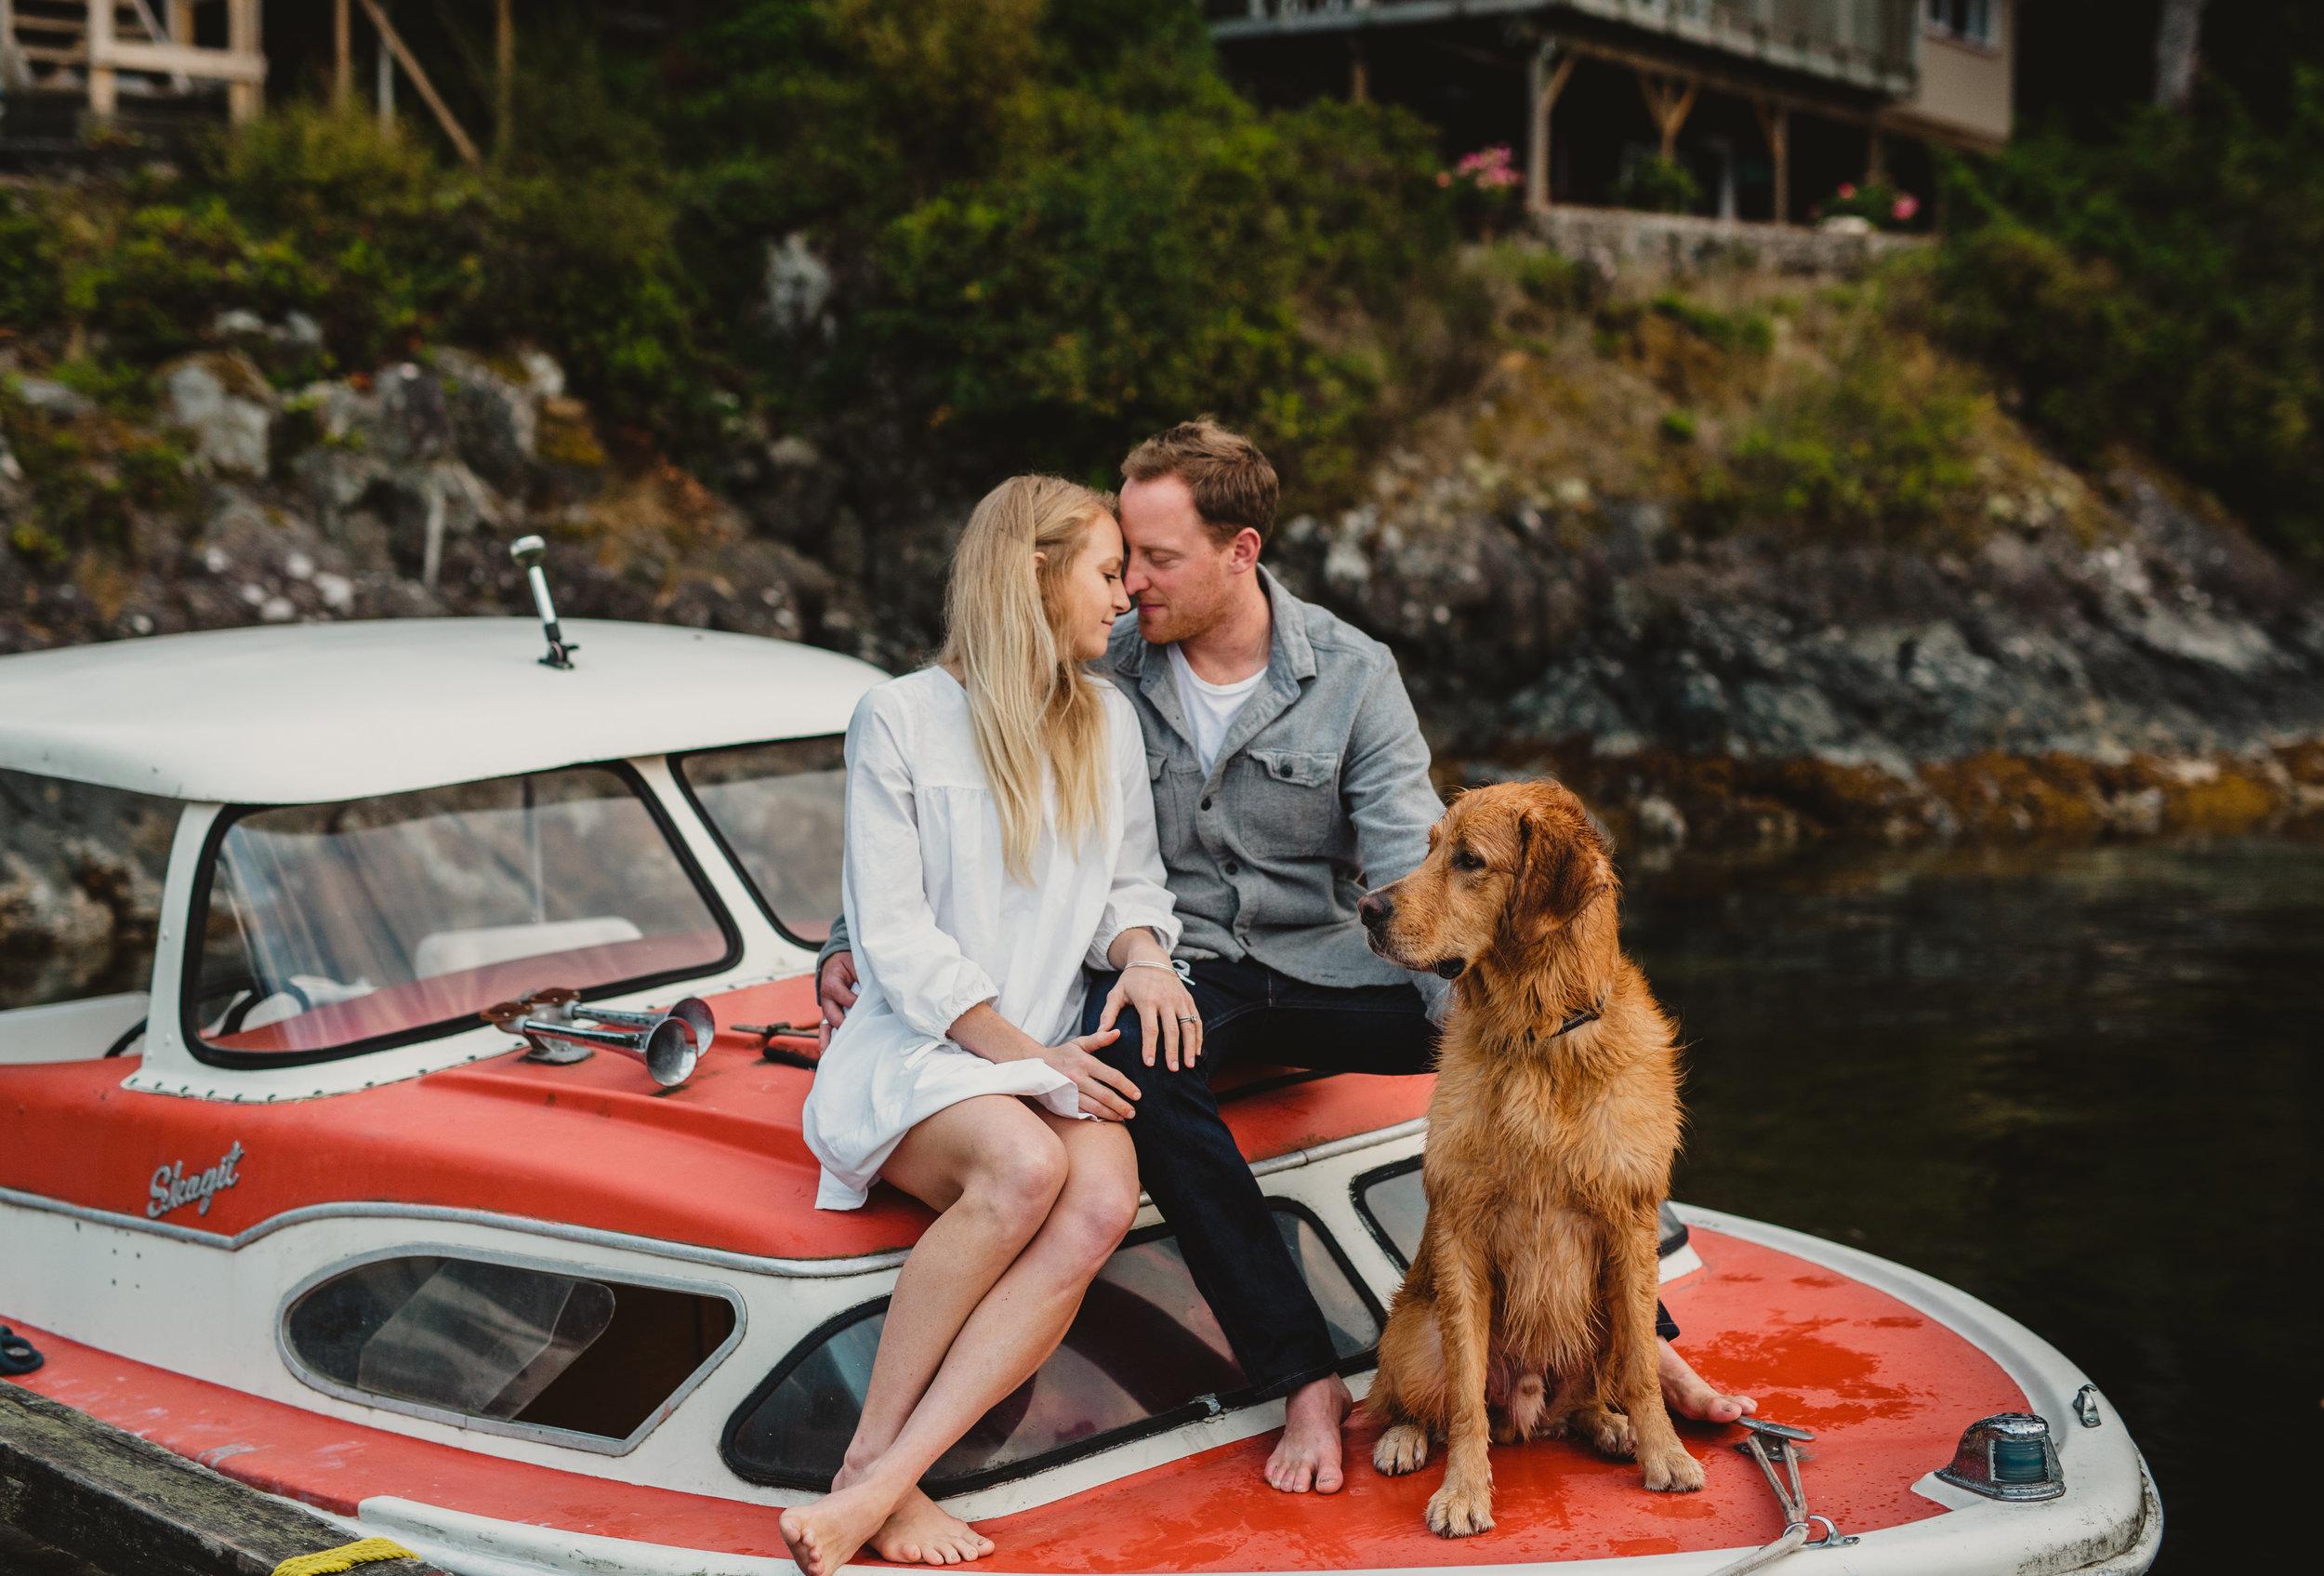 Keats Island Engagement Photos - Sunshine Coast Engagement Photos - Sunshine Coast Wedding Photographer - Vancovuer Wedding Photographer - Jennifer Picard Photography - IMG_0820.jpg